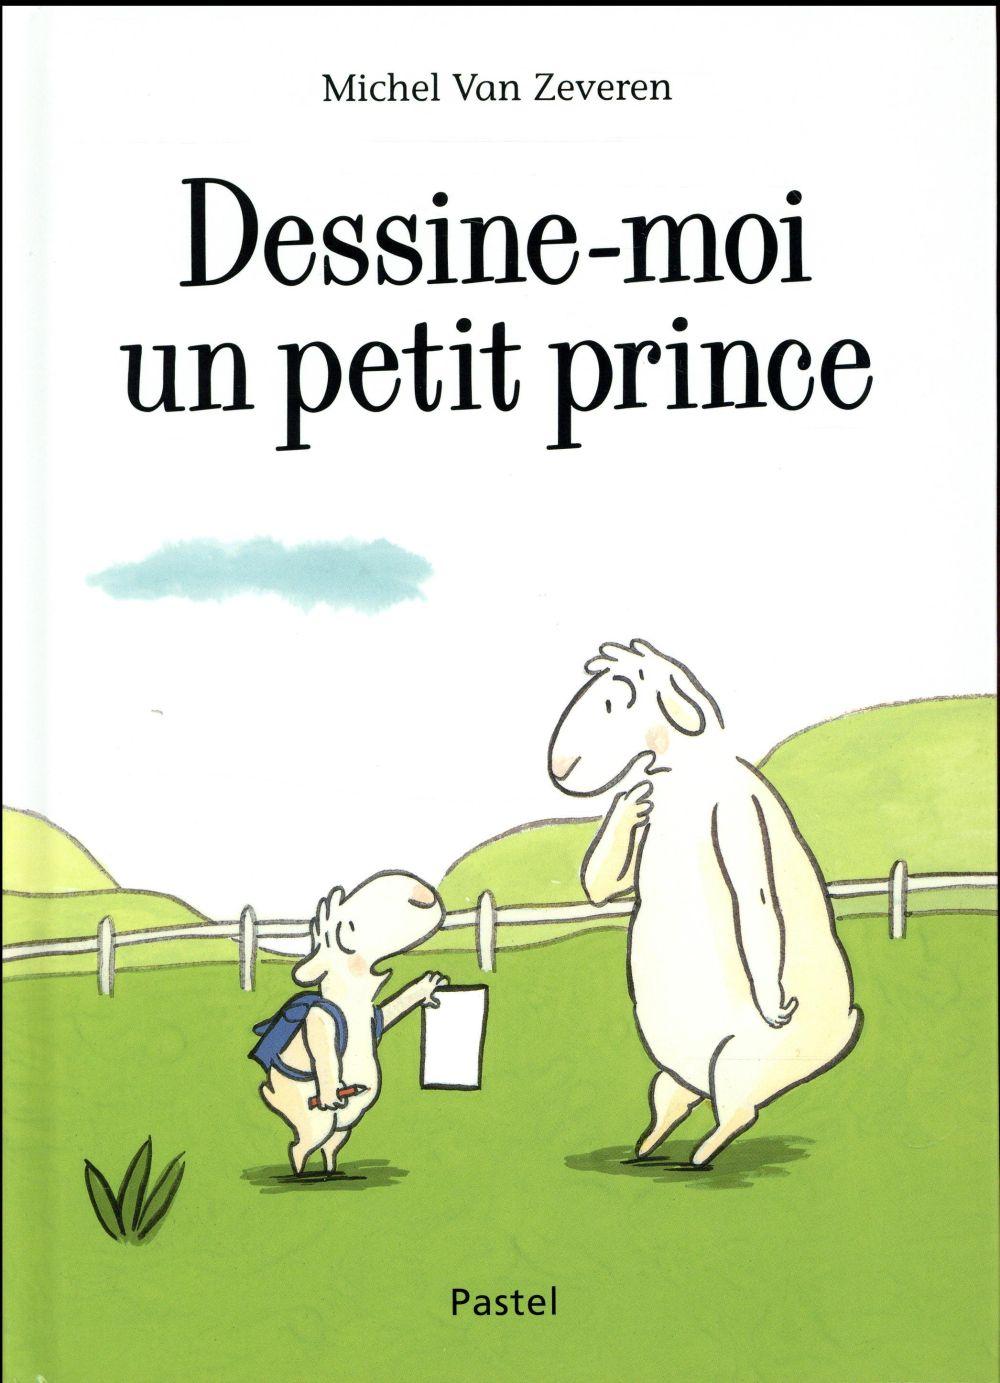 dessine moi un petit prince